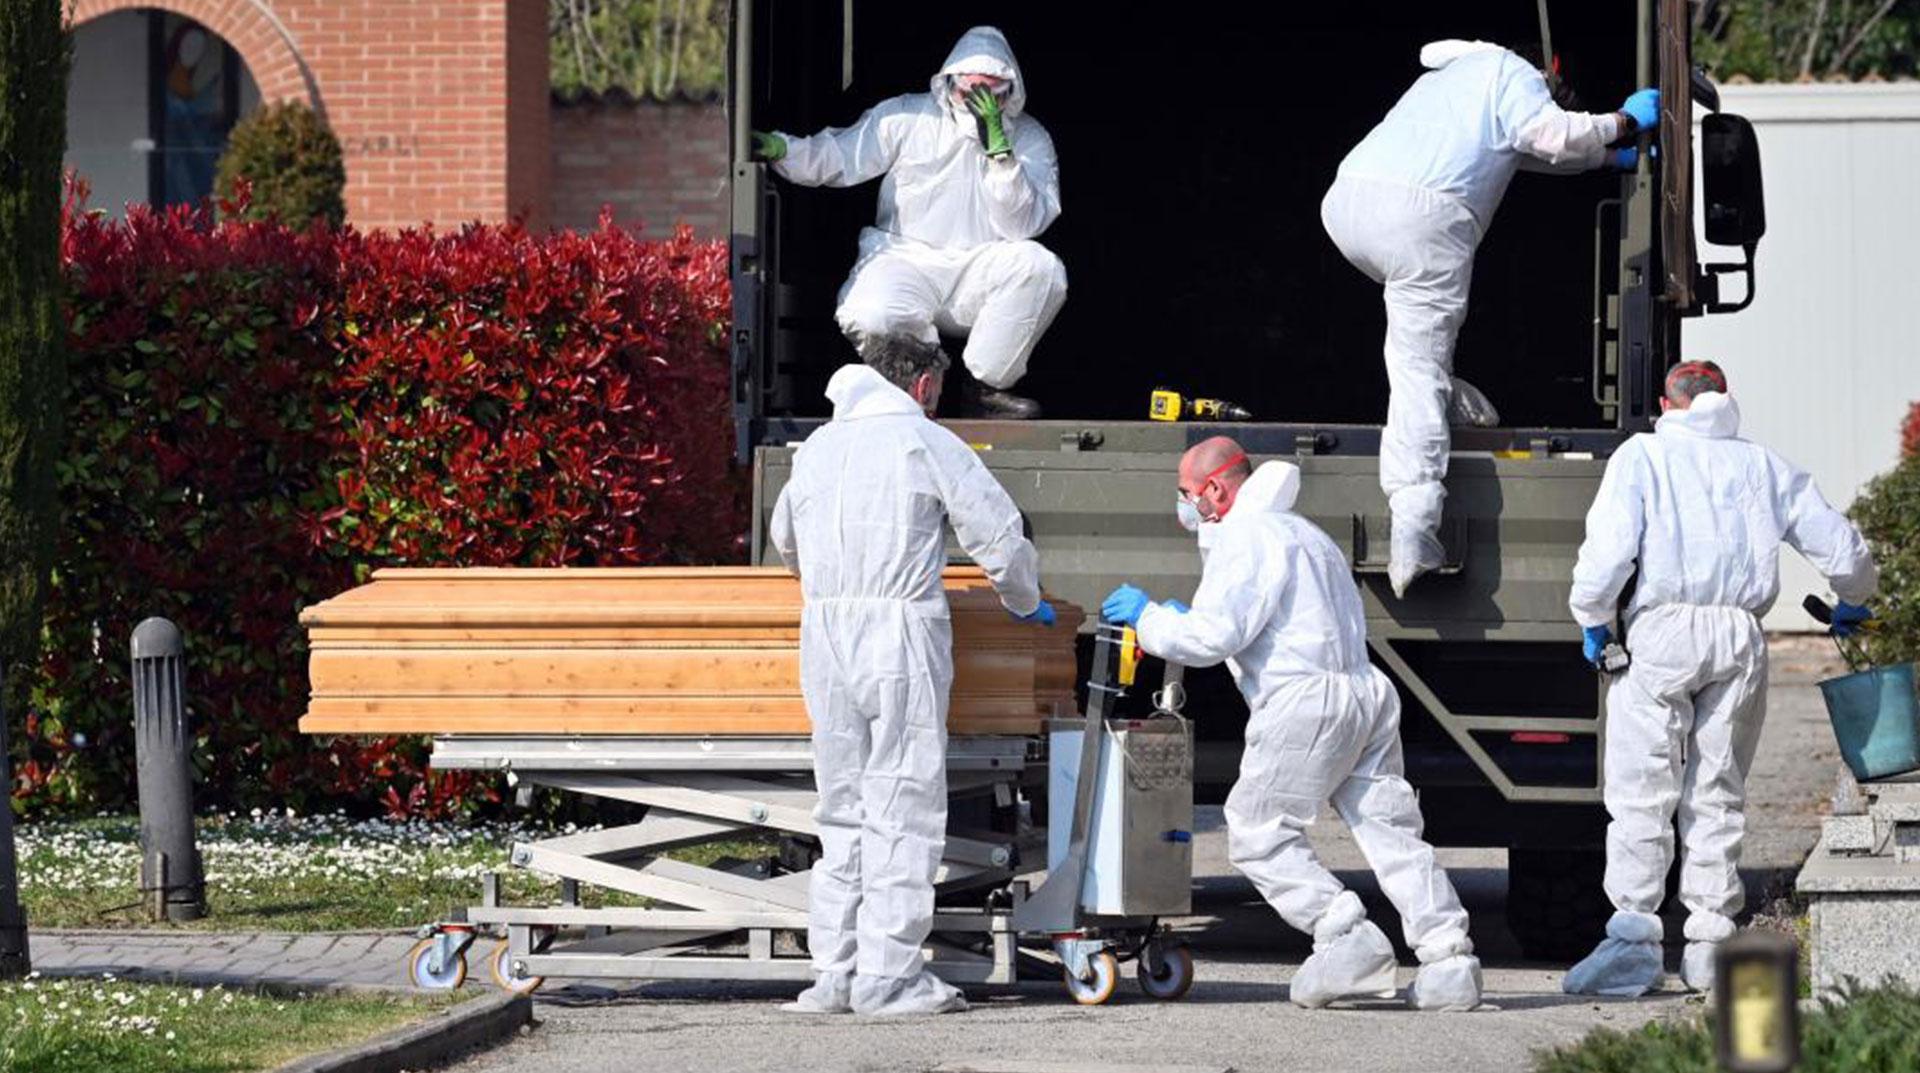 İtalya'da Sağlık Sistemi Çöktü! Koronavirüs Hastaları...